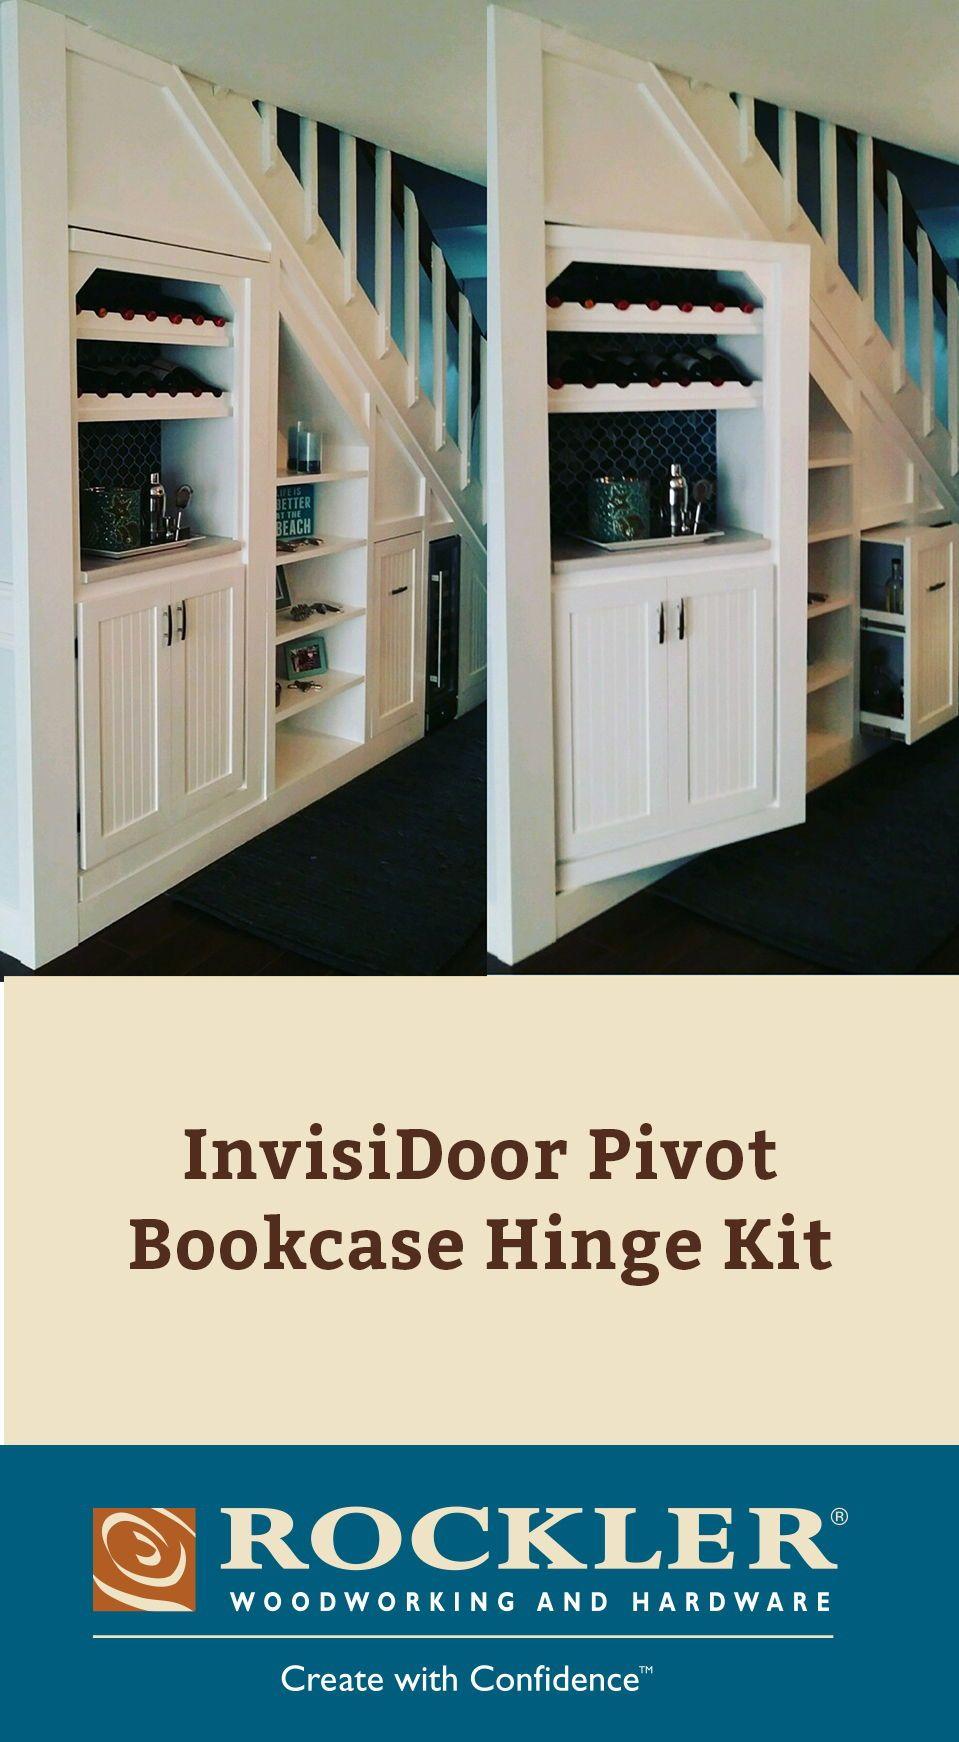 Invisidoor Pivot Bookcase Hinge Kit Bookcase Door Diy Hidden